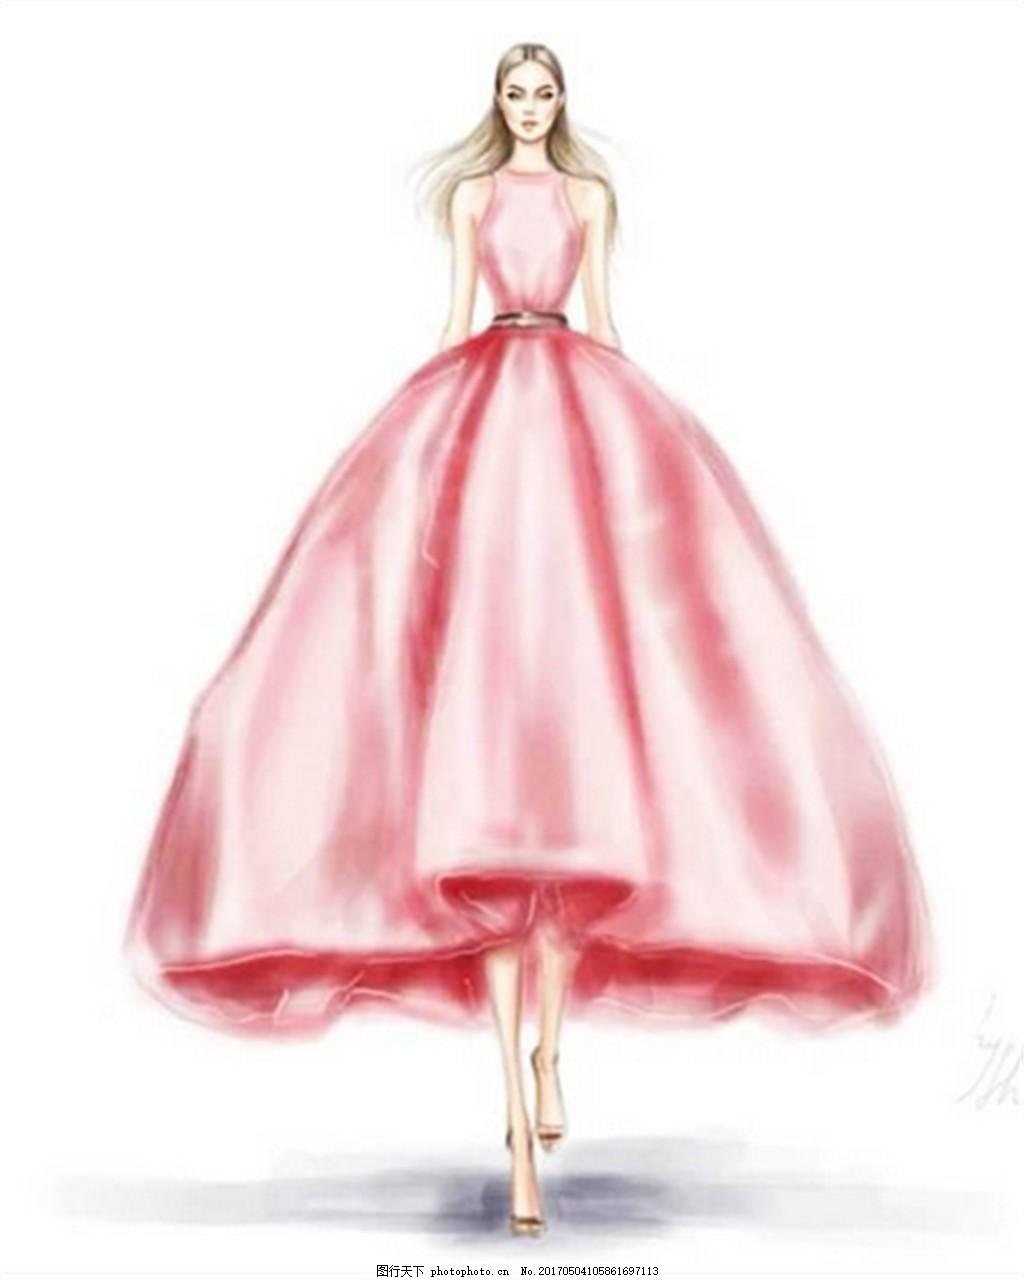 粉色时尚礼服设计图 时尚女装 职业女装 女装设计效果图 短裙 服装